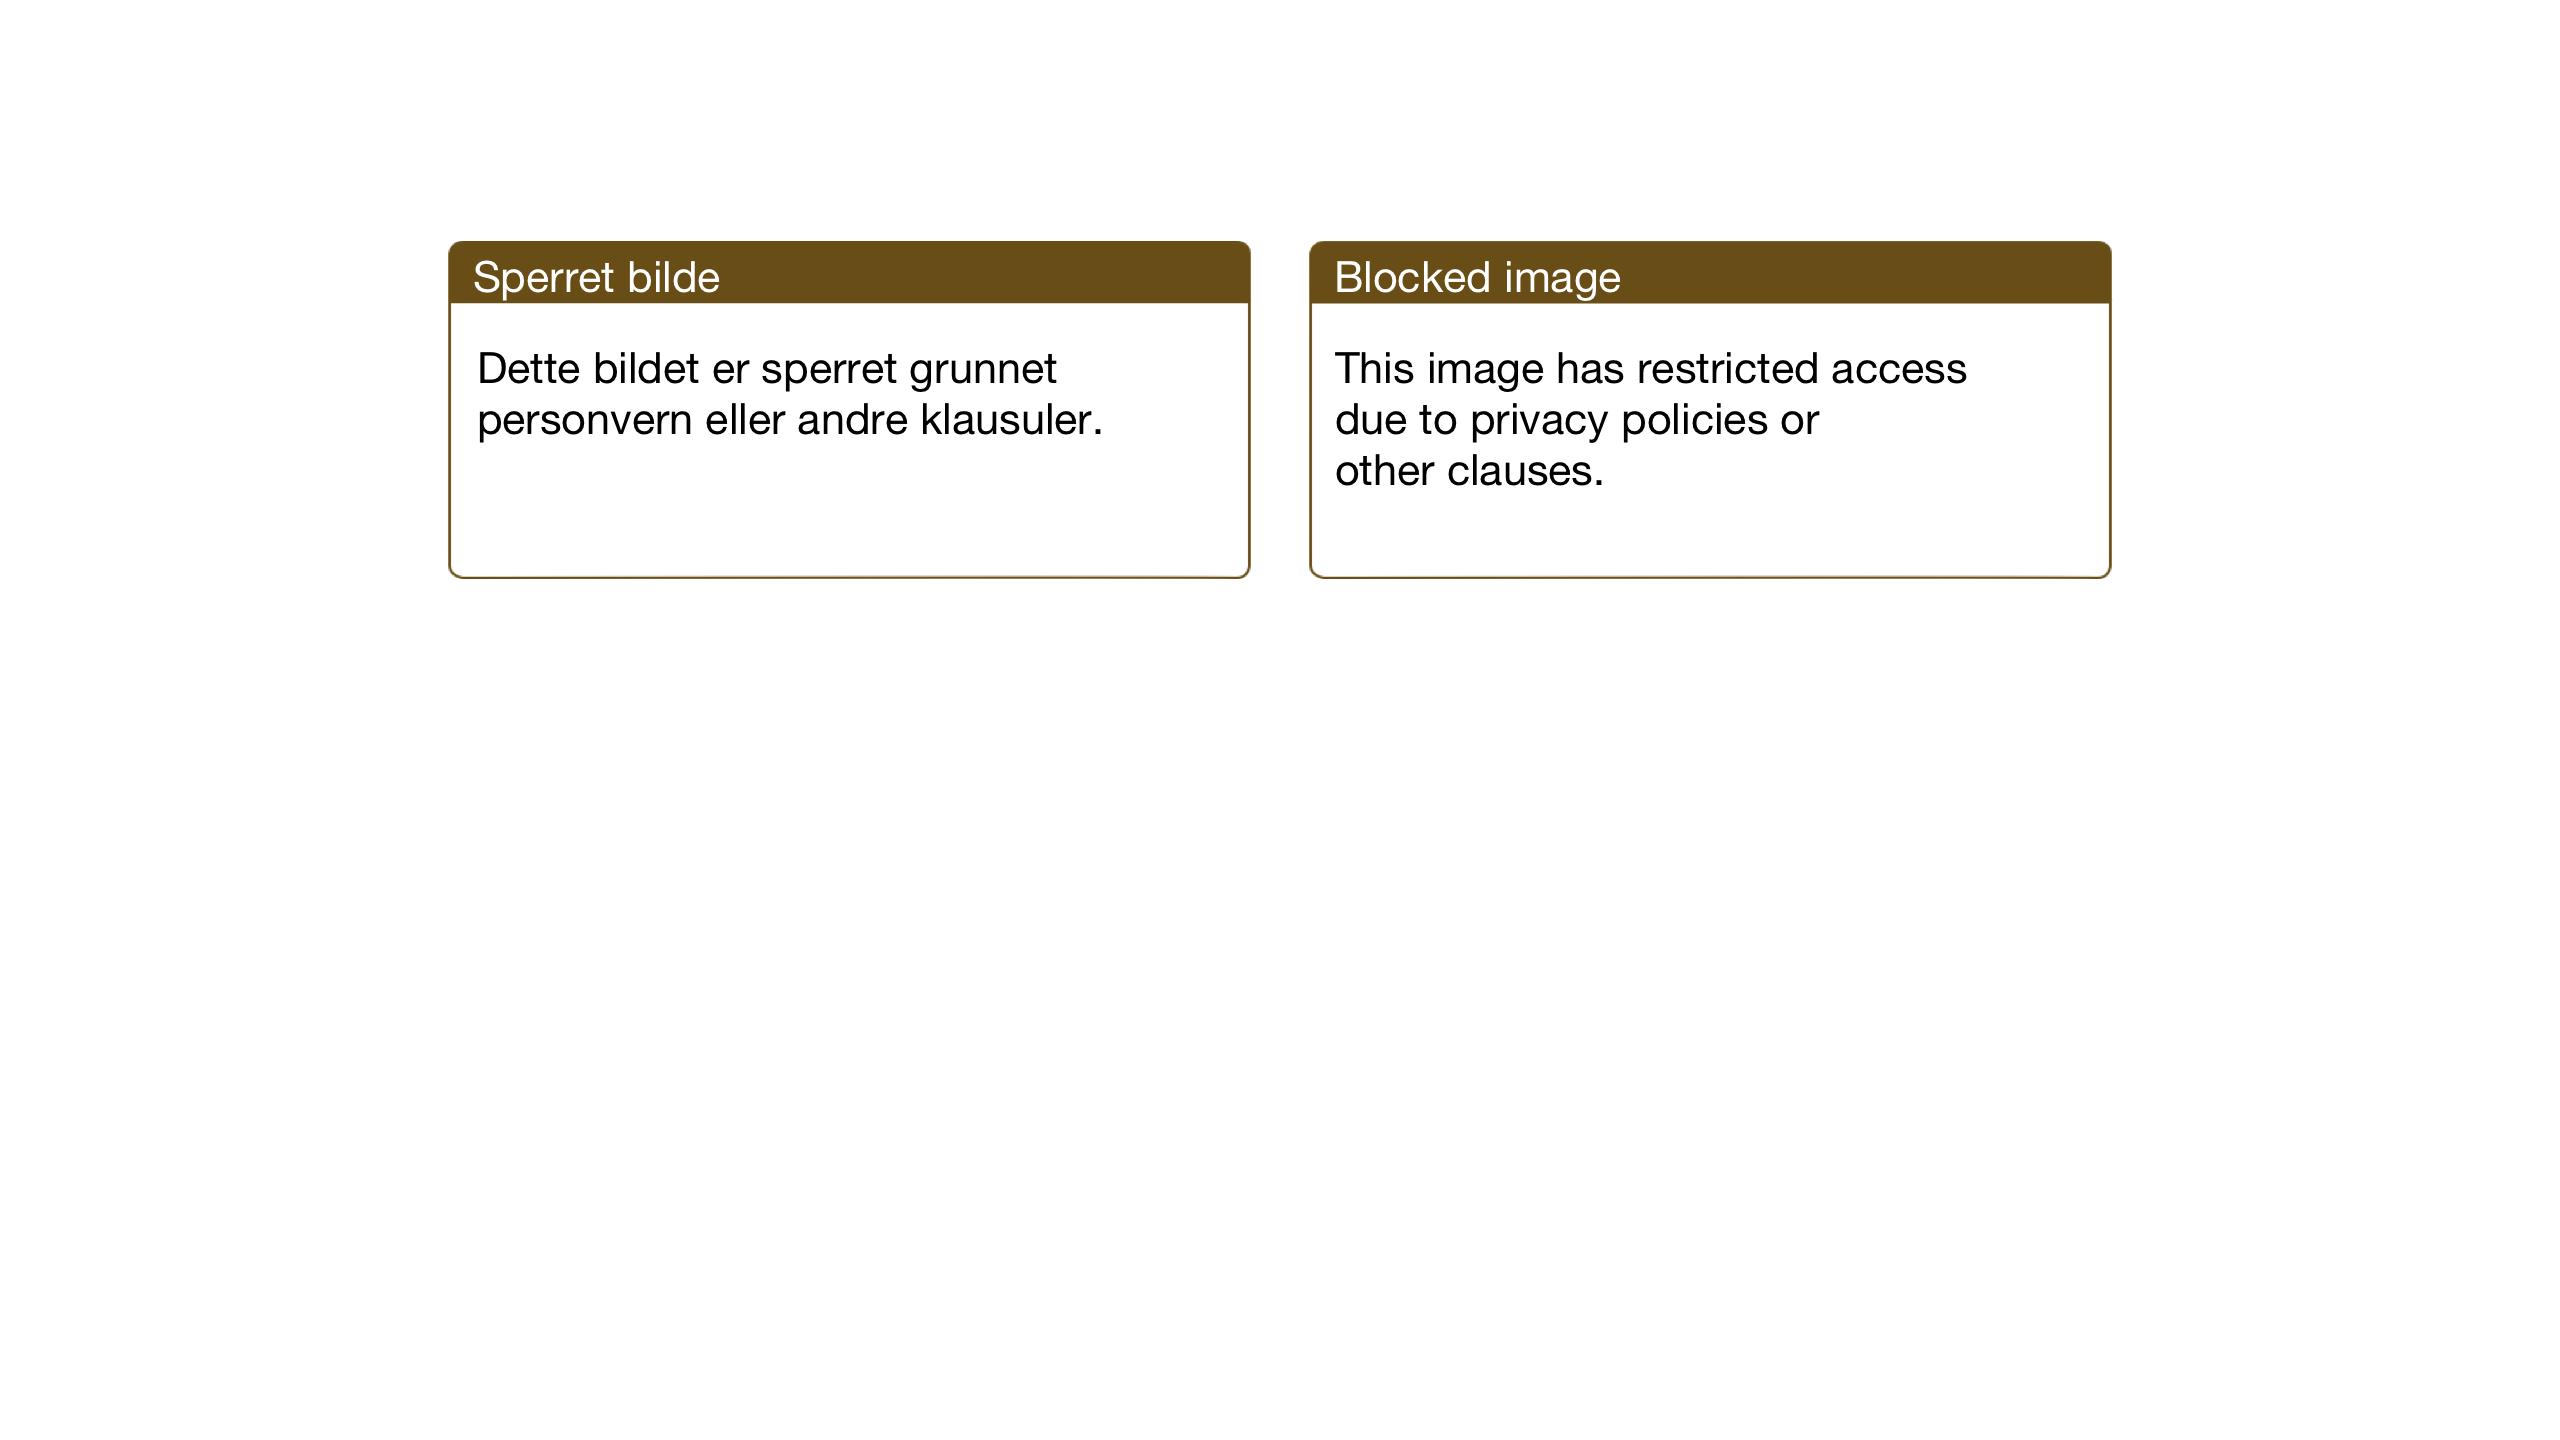 SAT, Ministerialprotokoller, klokkerbøker og fødselsregistre - Sør-Trøndelag, 655/L0689: Klokkerbok nr. 655C05, 1922-1936, s. 38